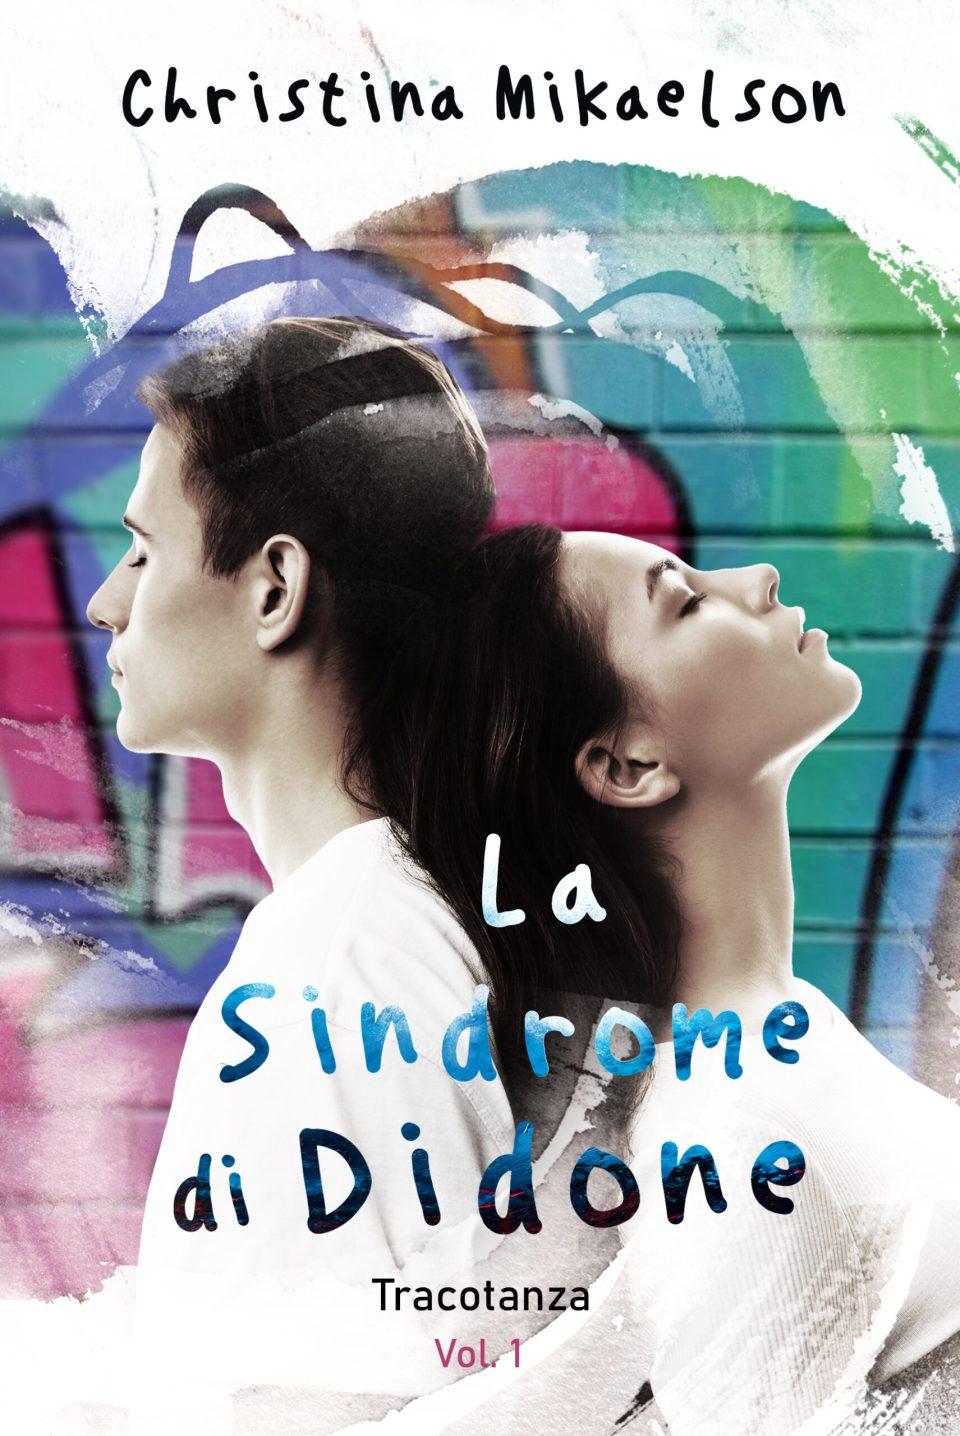 La sindrome di Didone Book Cover